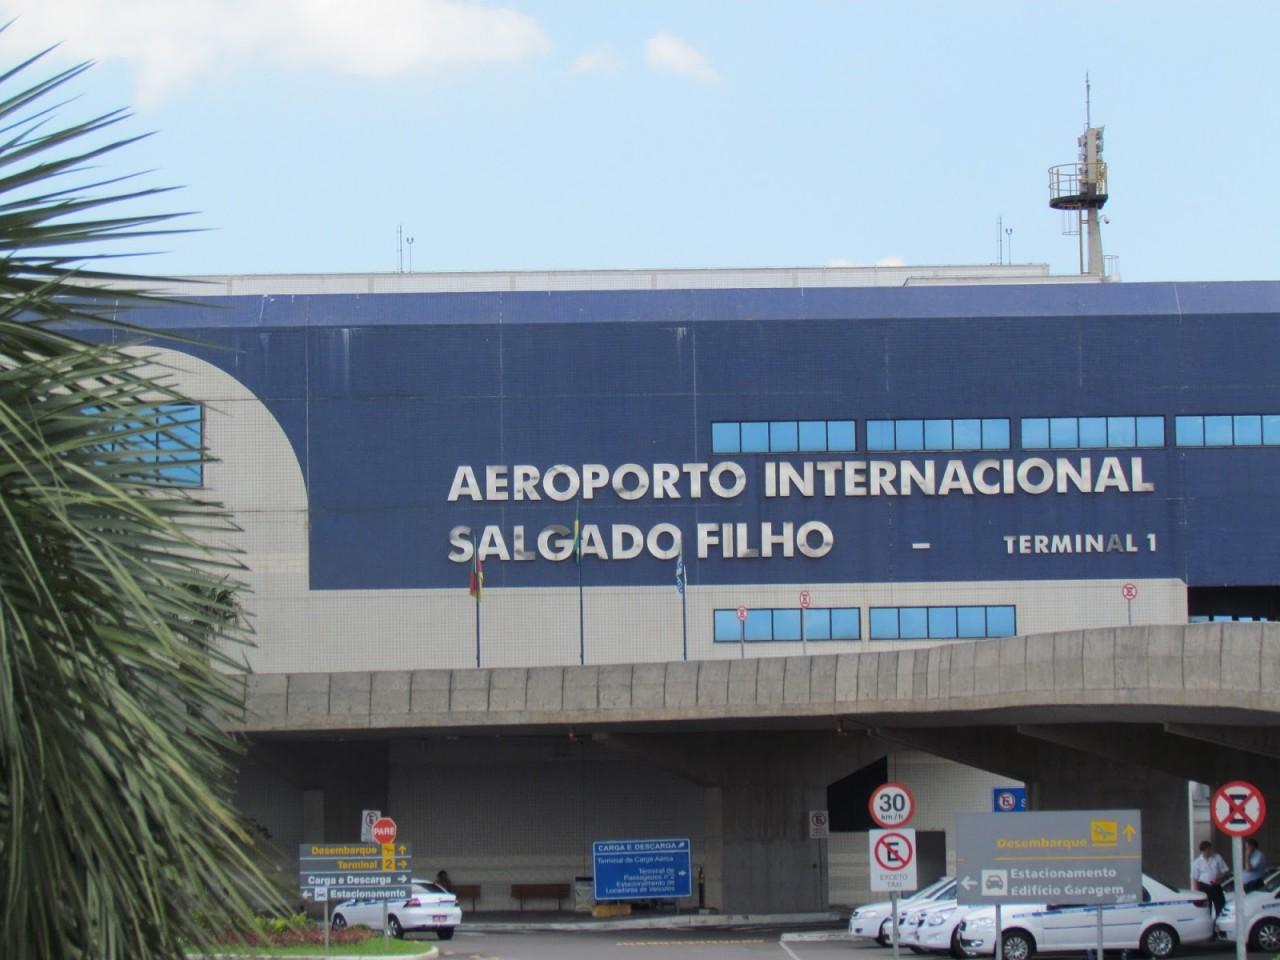 Aeroporto Internacional Salgado Filho Porto Alegre Rs Brasil : Confirmada privatizaÇÃo do aeroporto salgado filho em